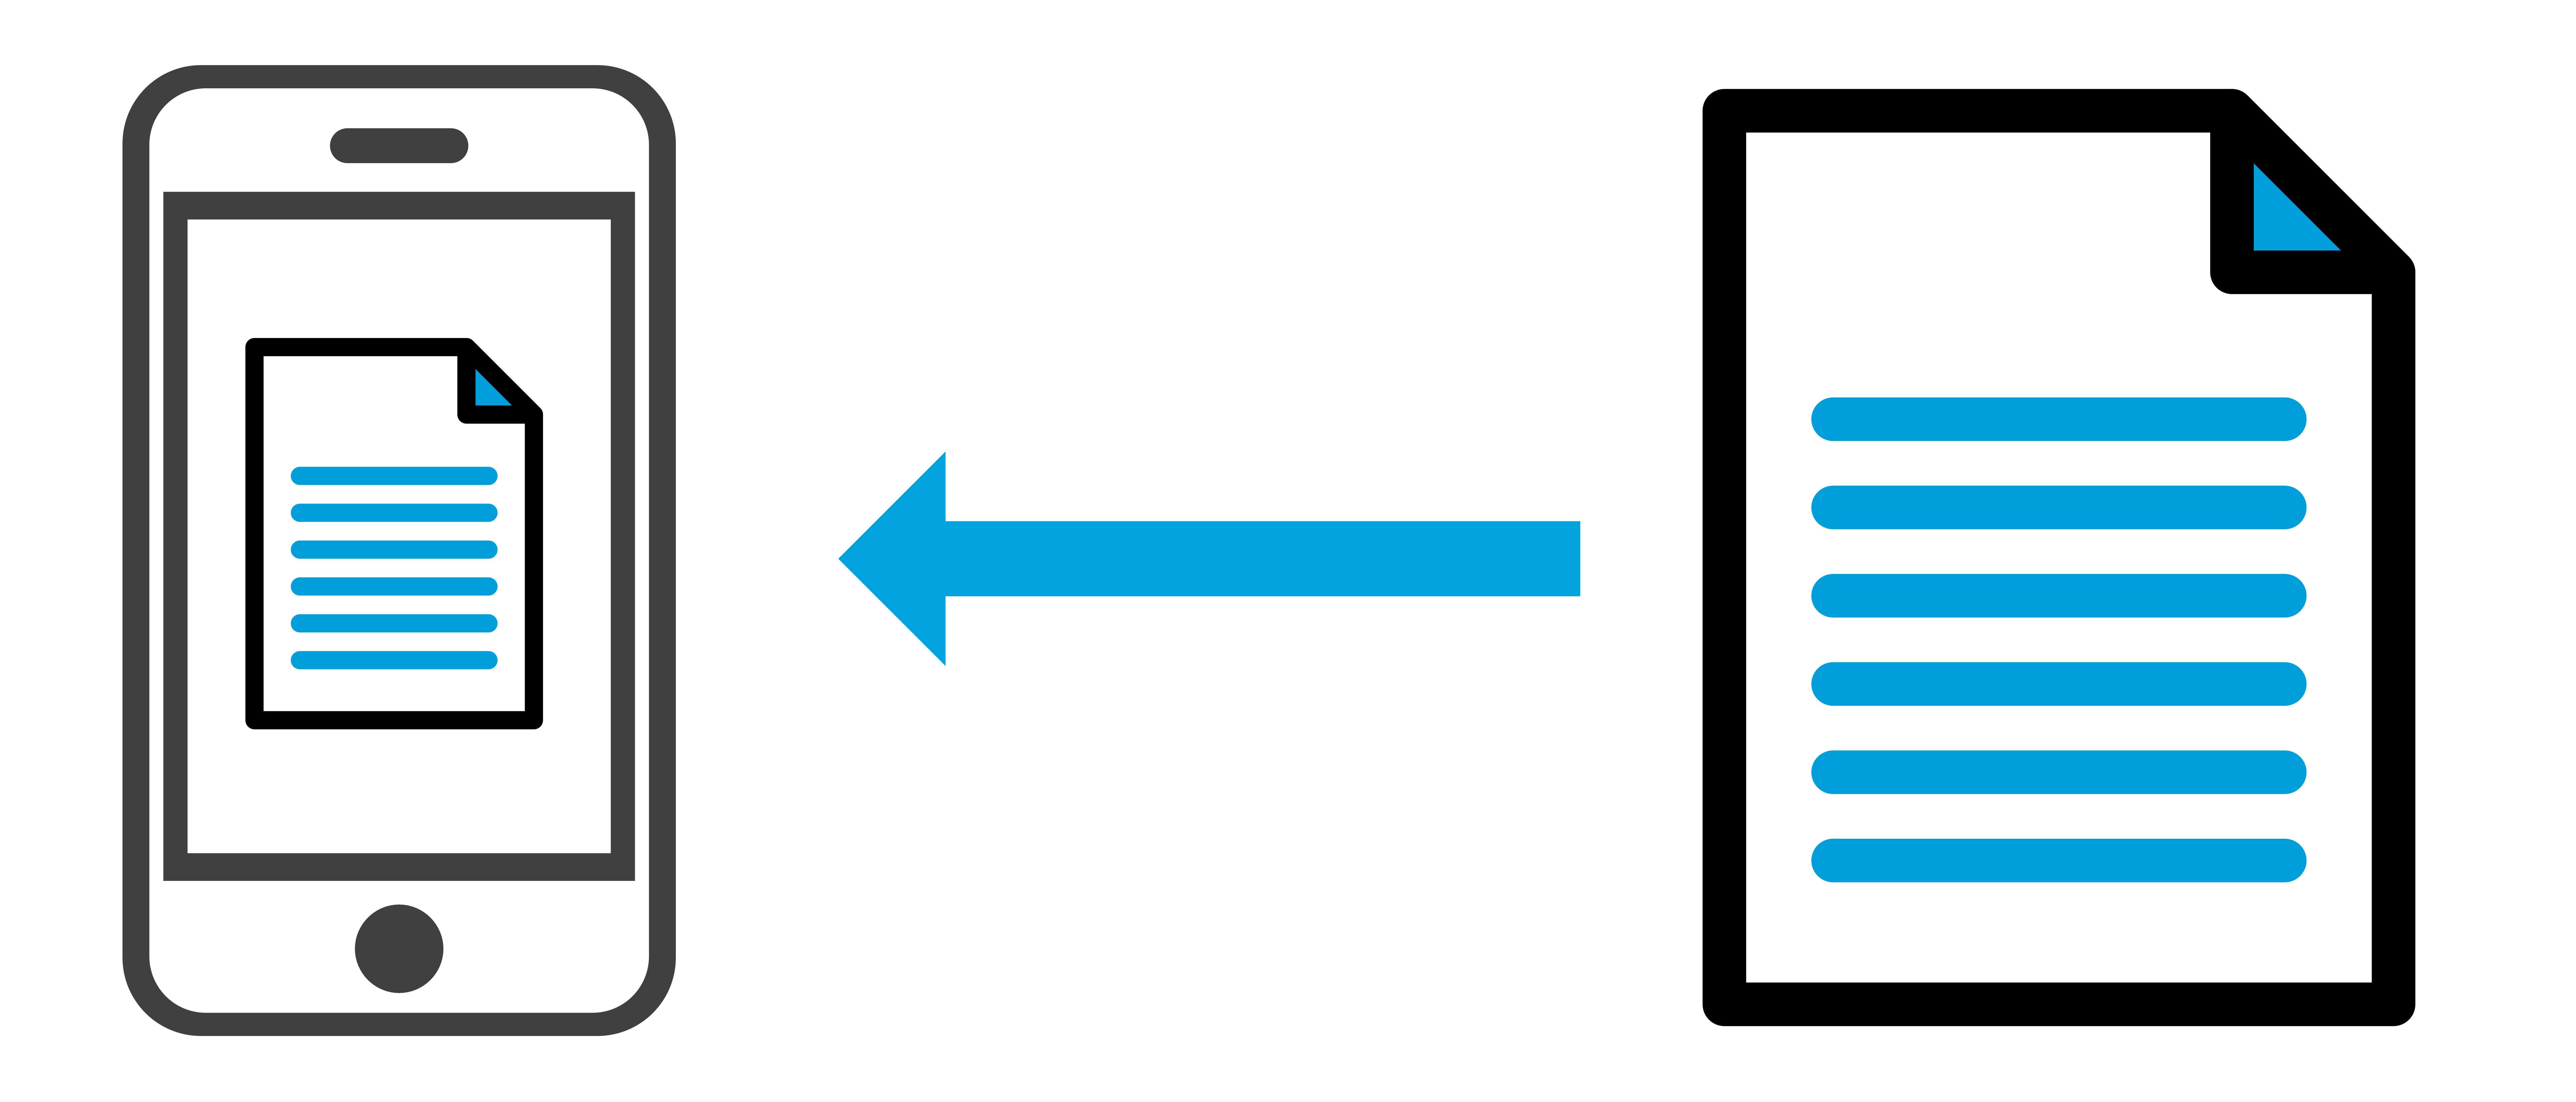 Erfahren Sie Schritt für Schritt, wie Sie ein Dokument auf Papier digitalisieren können. Hierfür benötigen Sie nur Ihr iPhone.